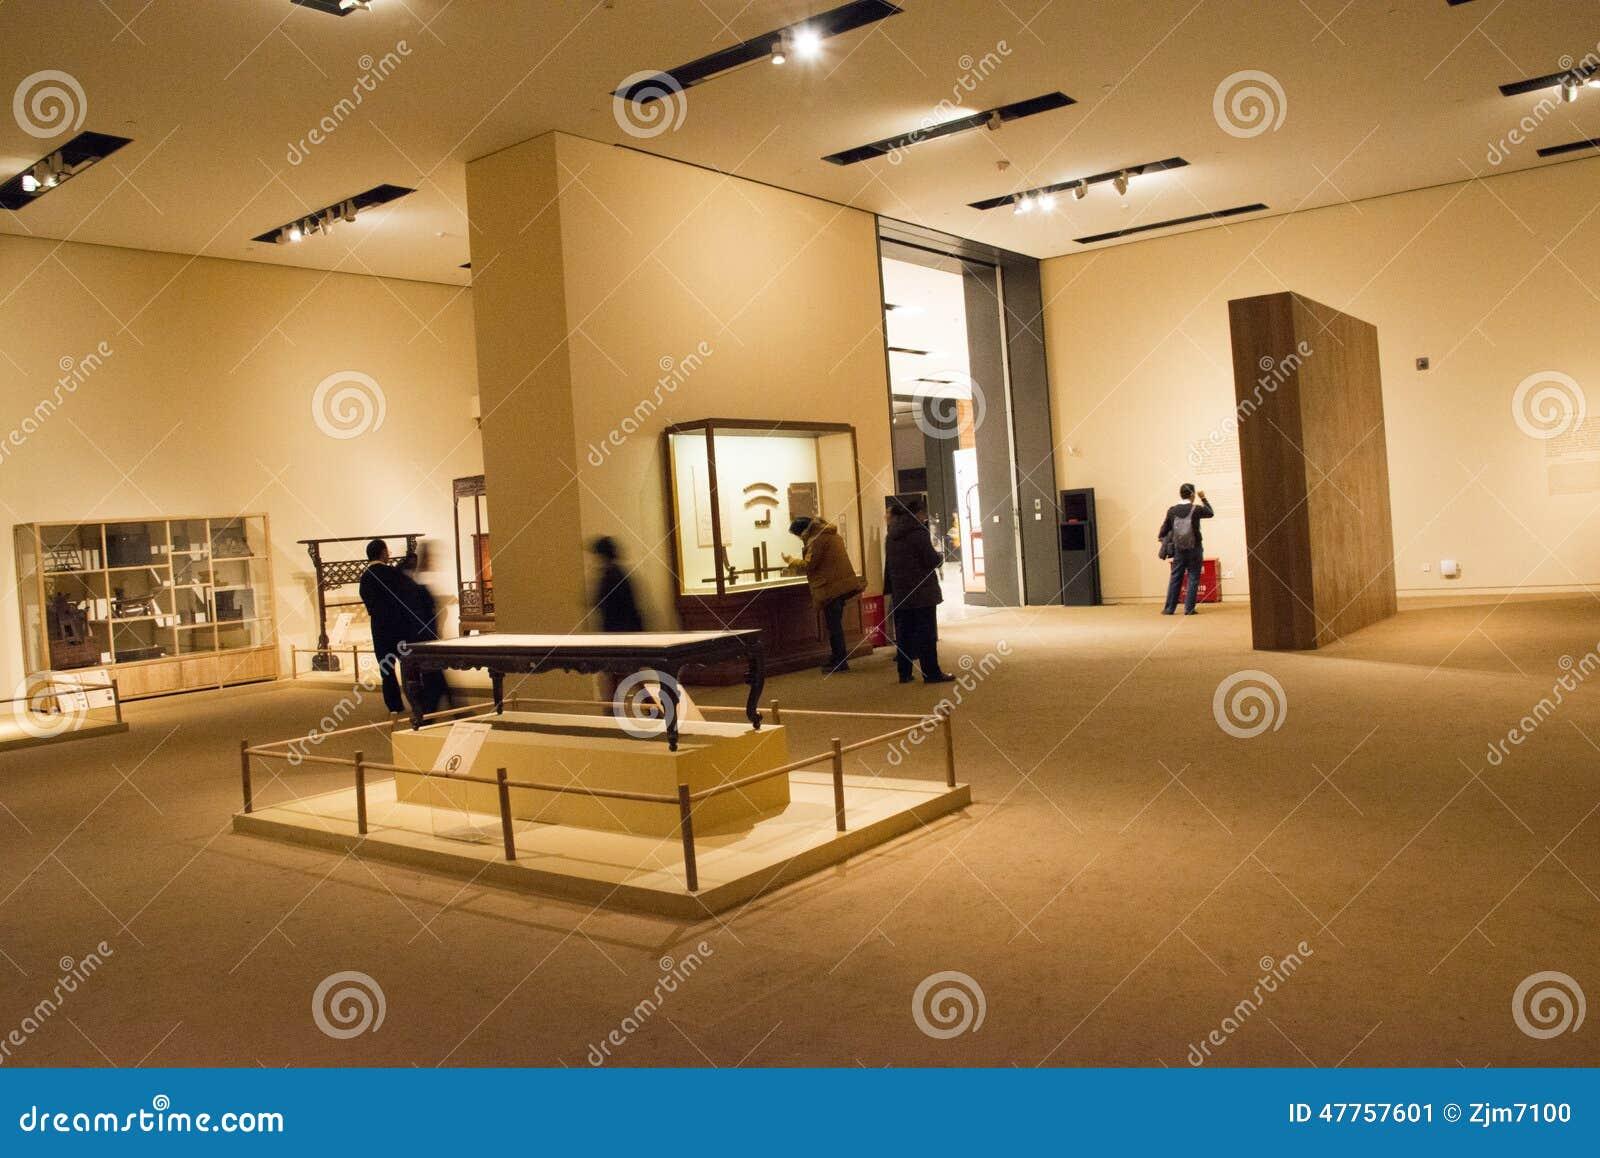 Asiatico cina pechino museo nazionale il centro for Mobilia uno furniture